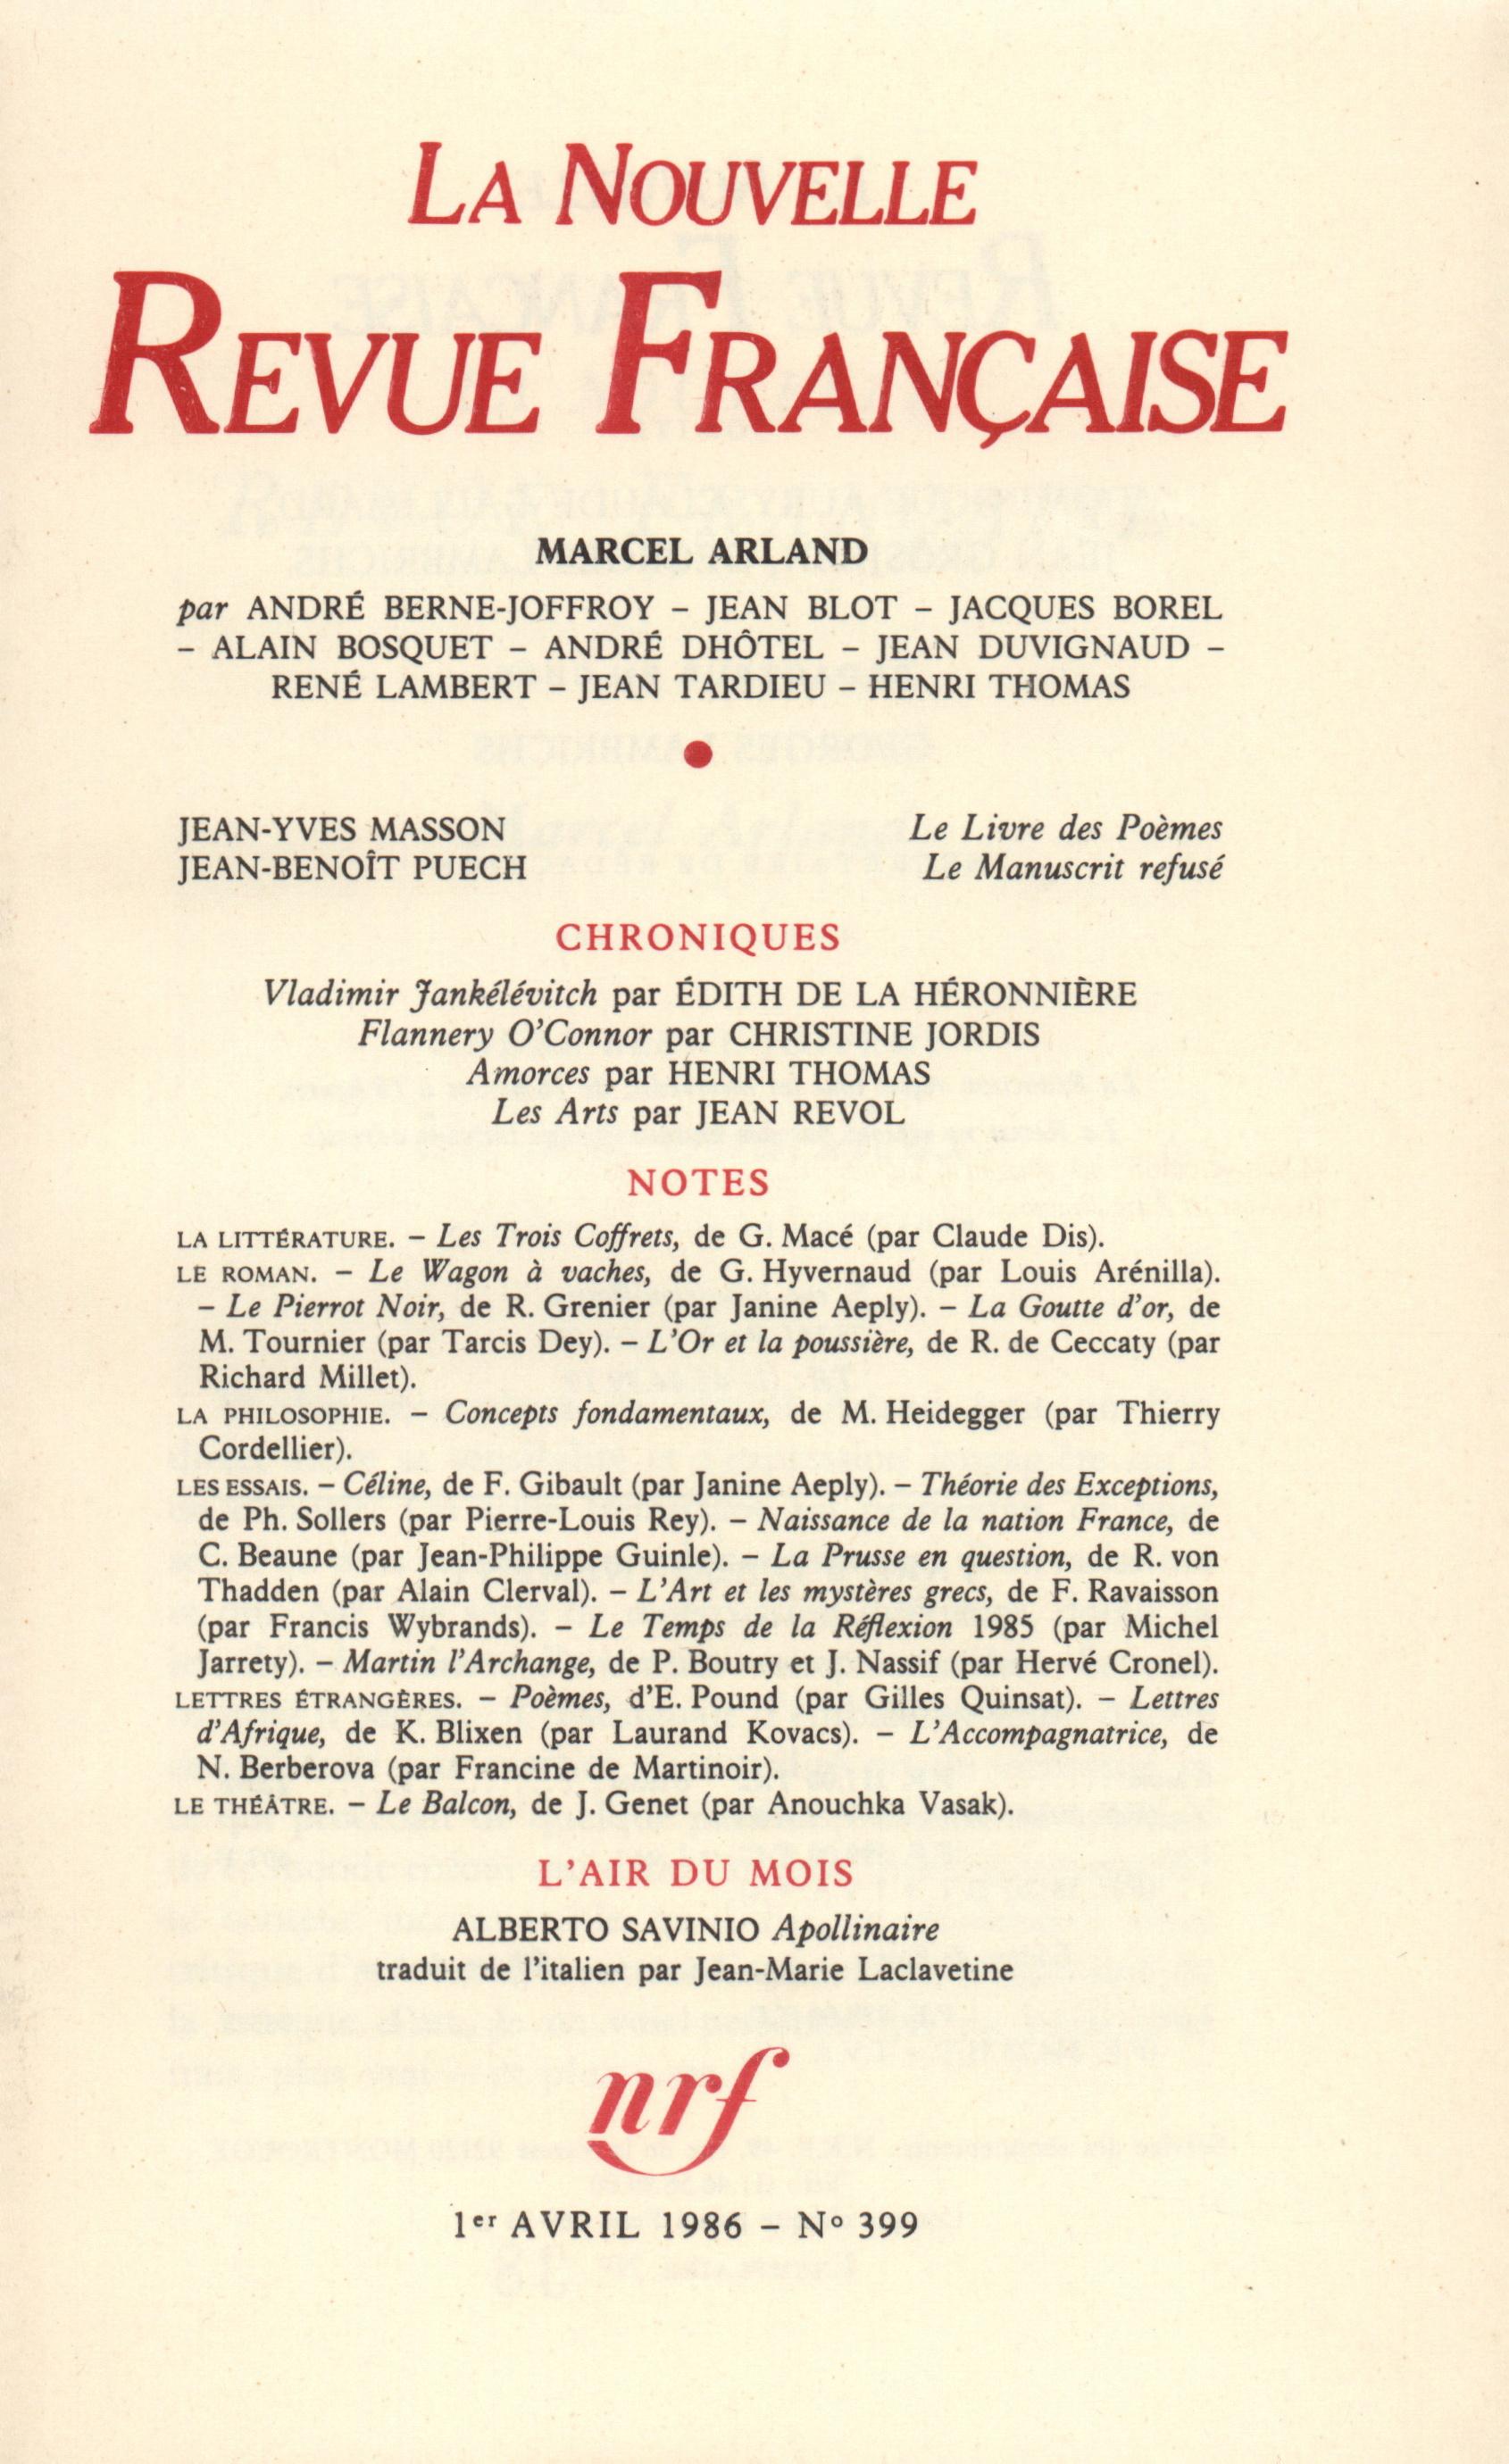 La Nouvelle Revue Française N° 399